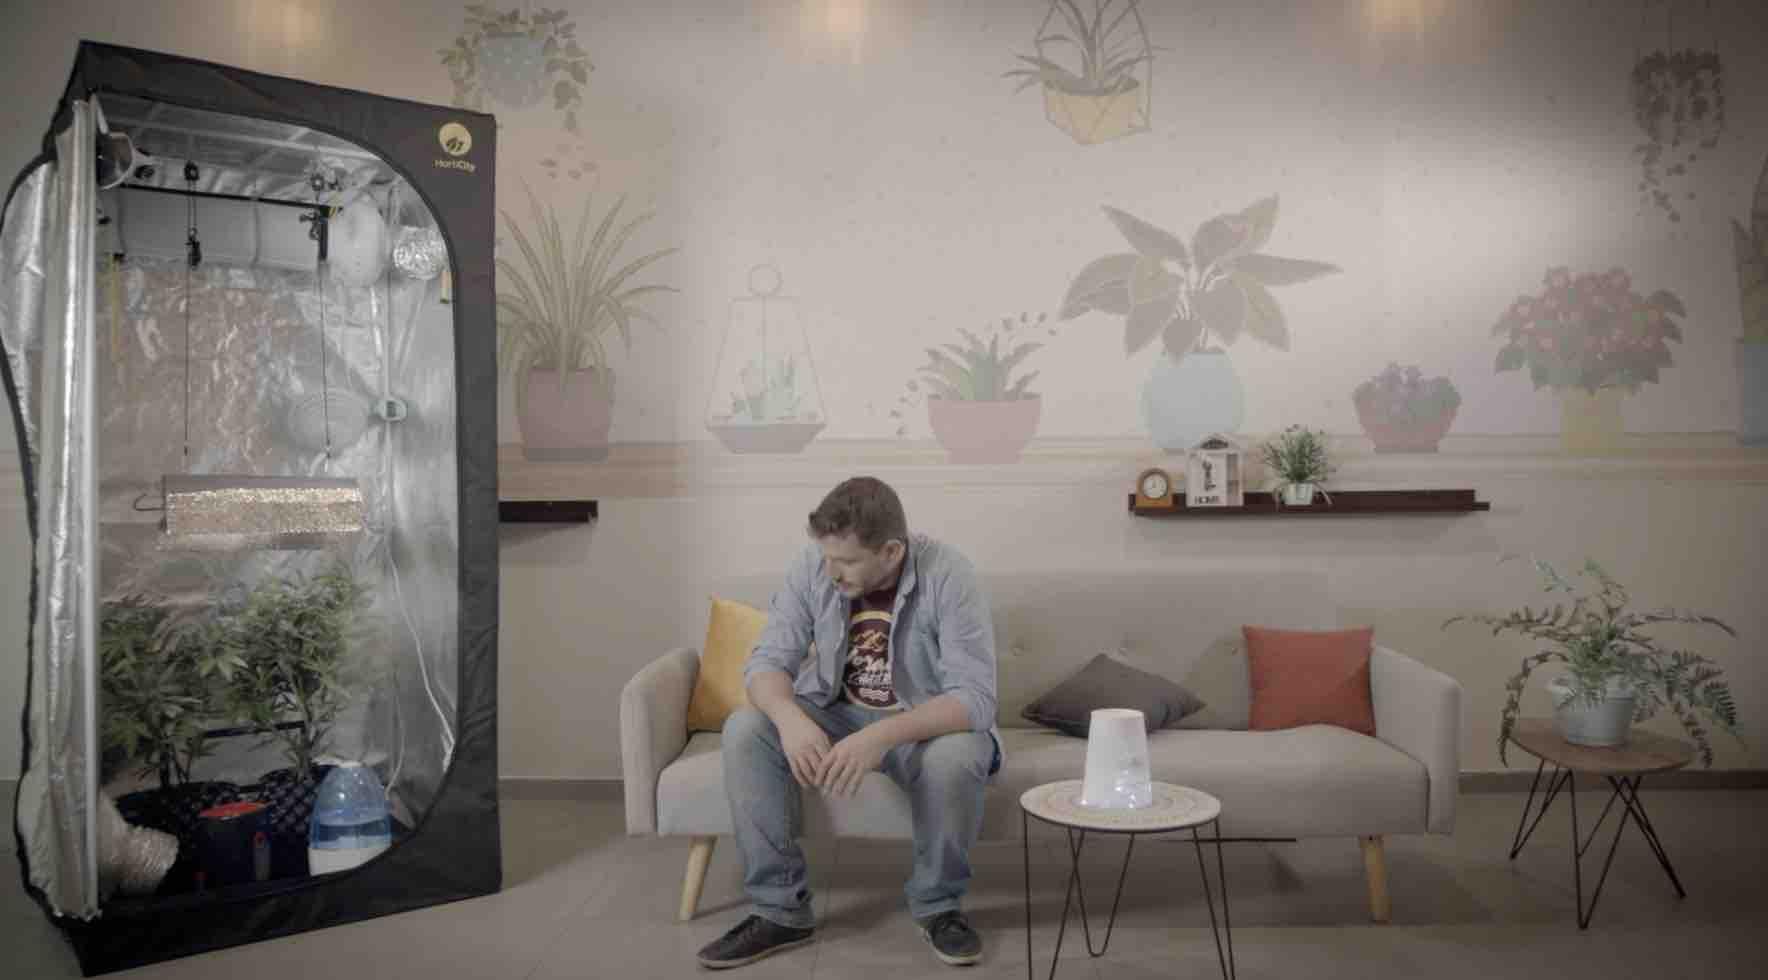 חברת גרו דירקטור מבקשות להנגיש לקהל המשתמשים בקנאביס רפואי